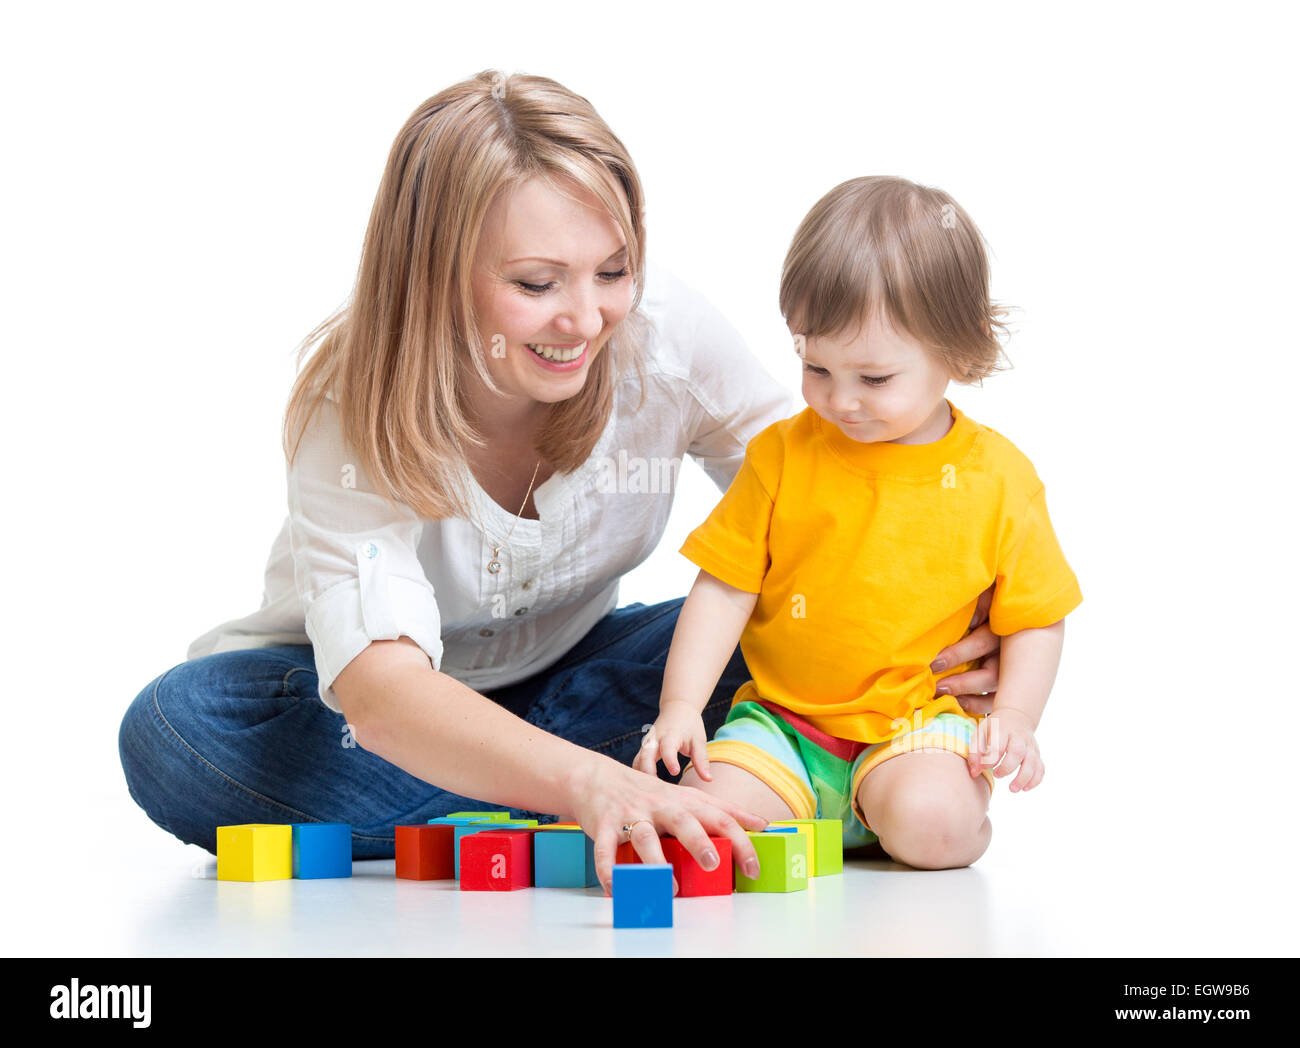 La madre y el bebé jugar con bloques de construcción toy aislado en blanco Foto de stock